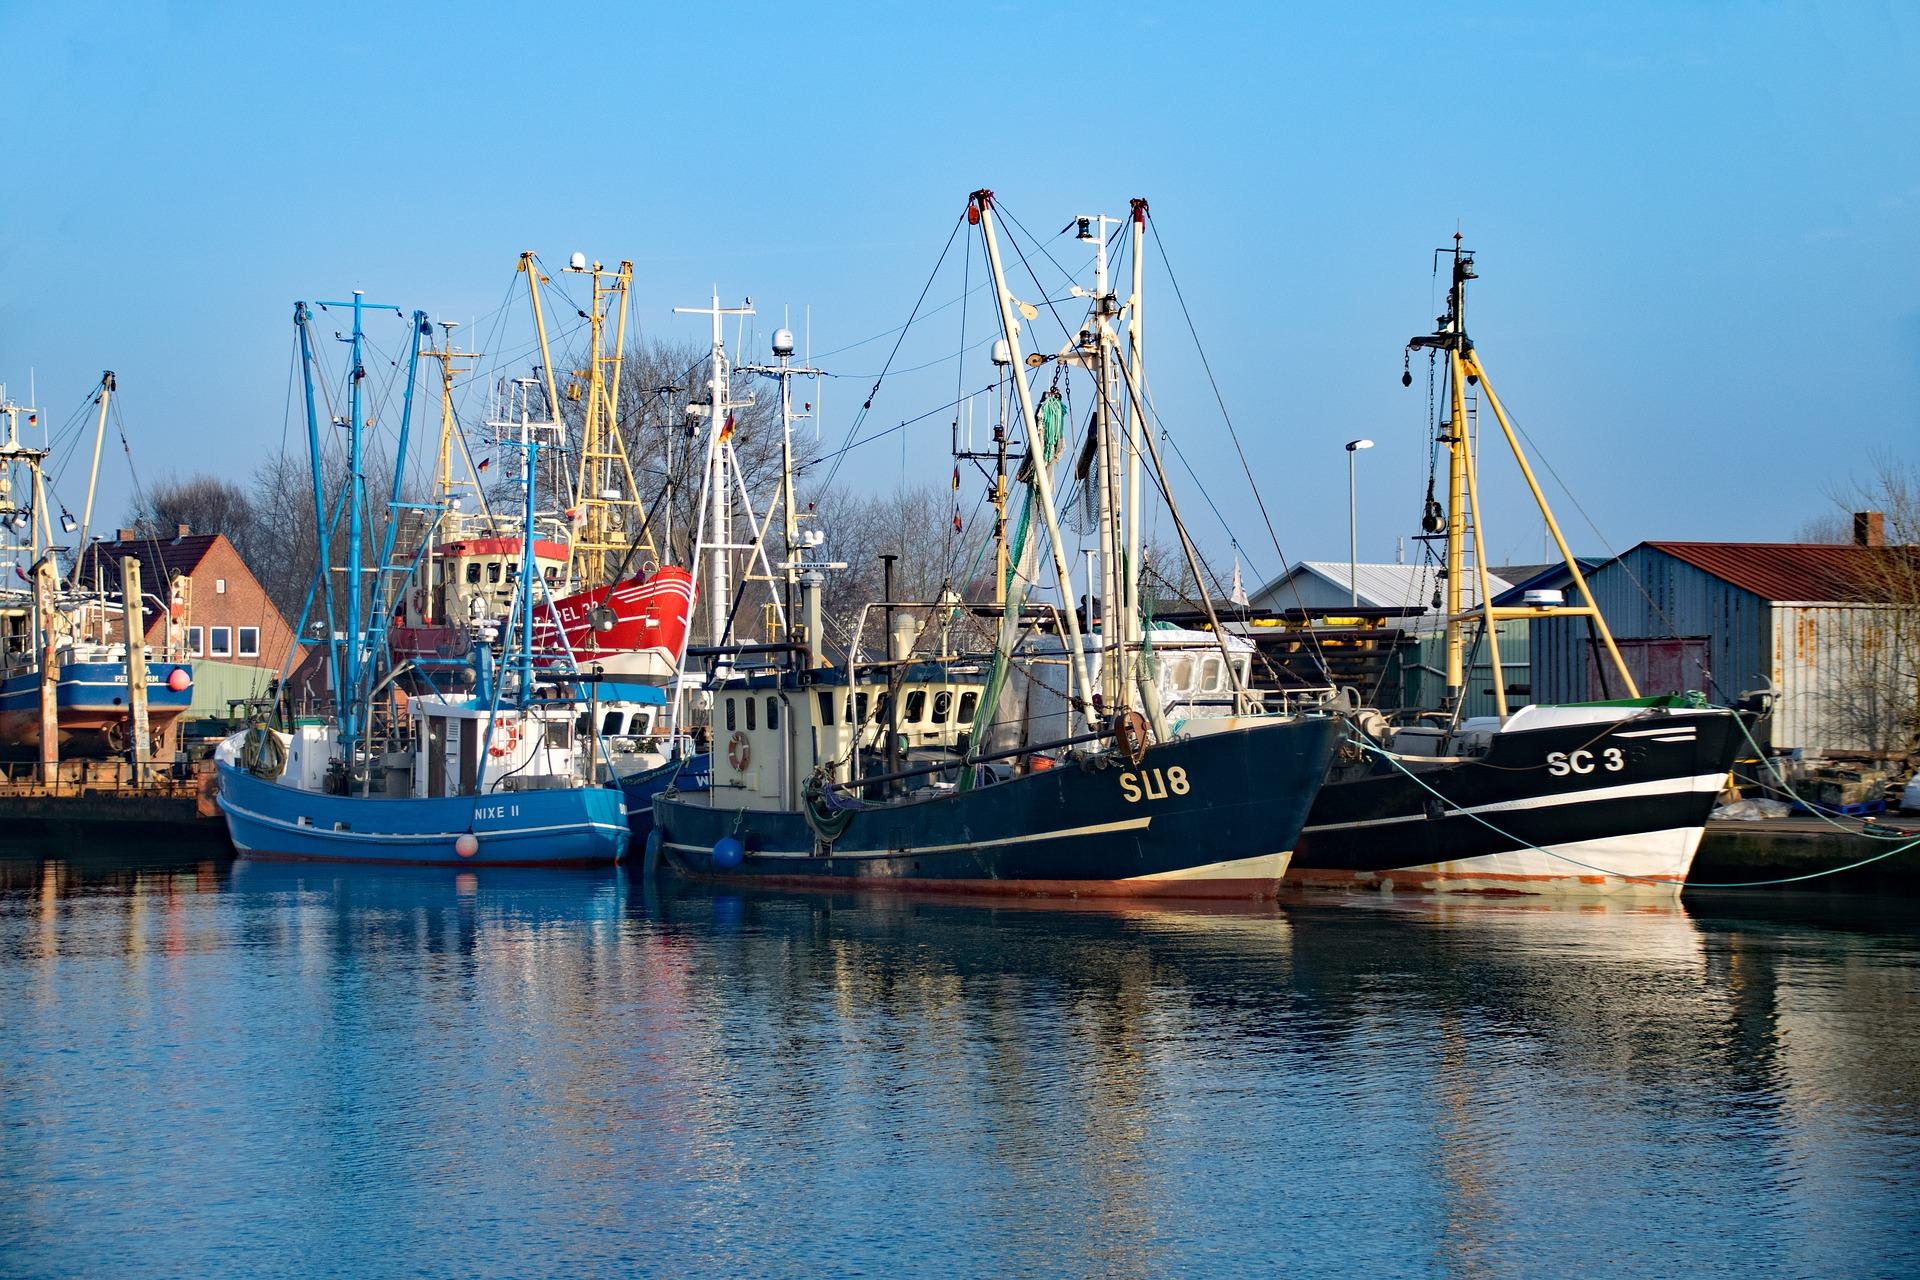 Bunte kleine Fischerboote im Hafen